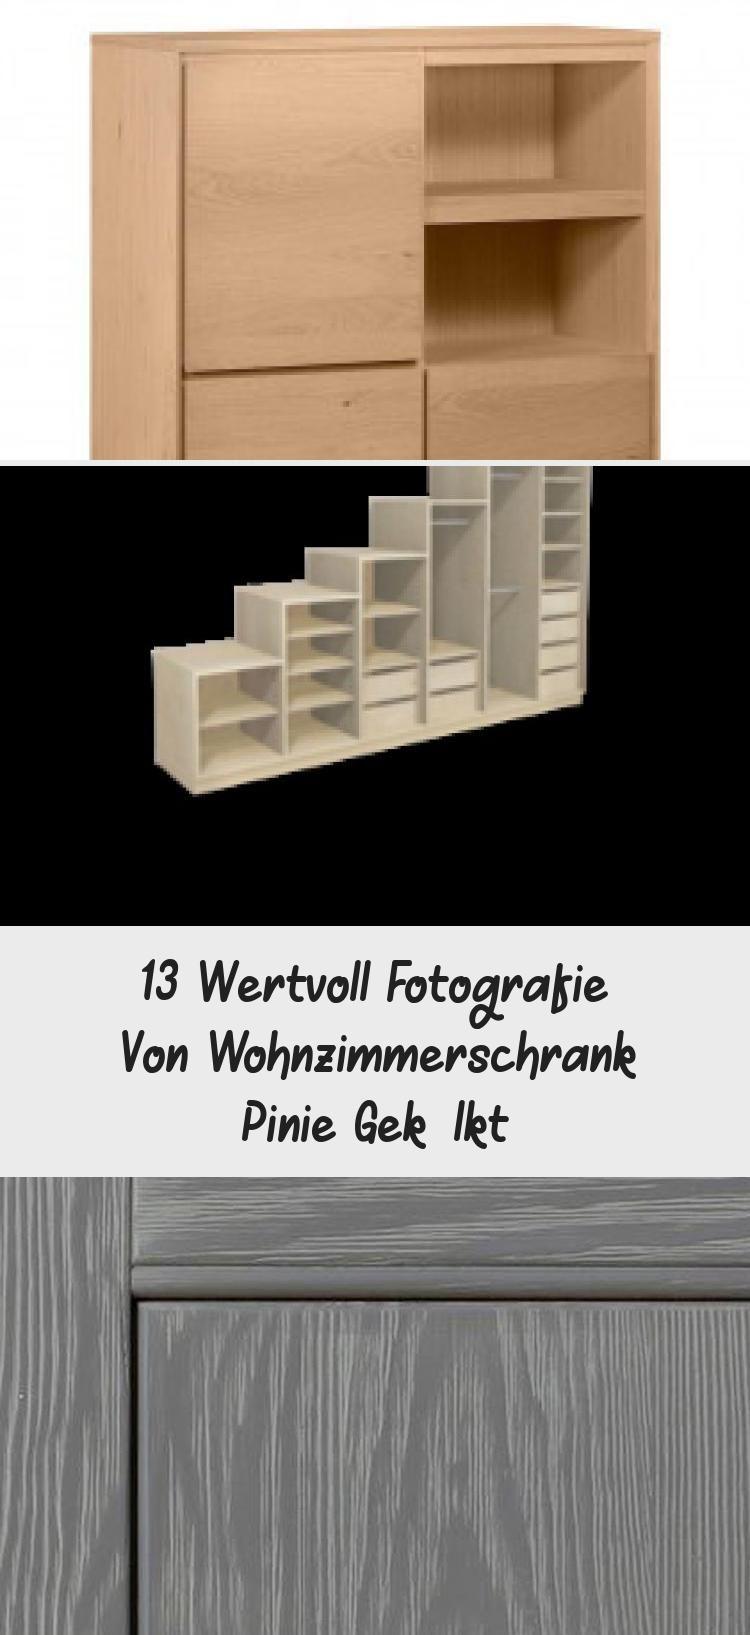 6 Wertvoll Fotografie Von Wohnzimmerschrank Pinie Gekälkt in 6